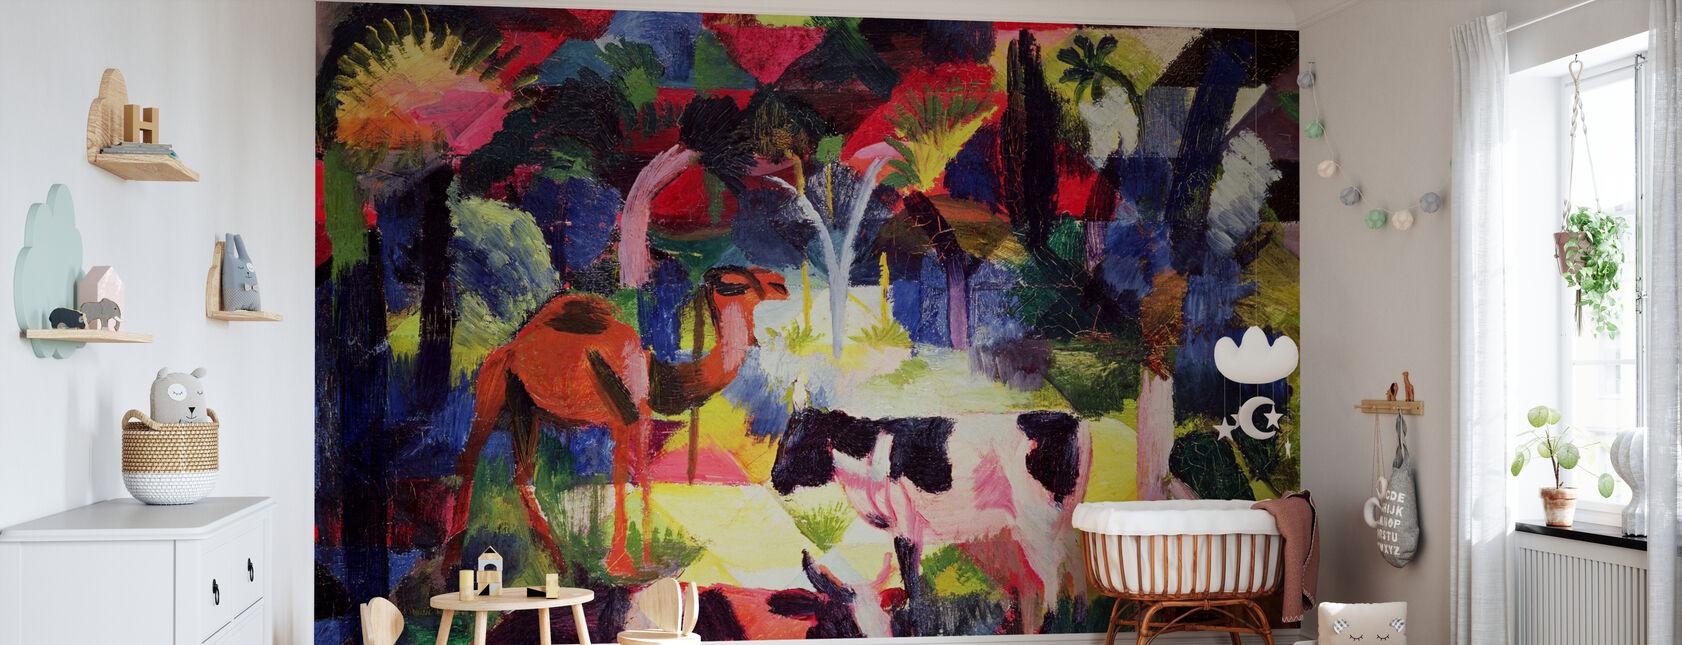 Vaches et un chameau, August Macke - Papier peint - Chambre de bébé